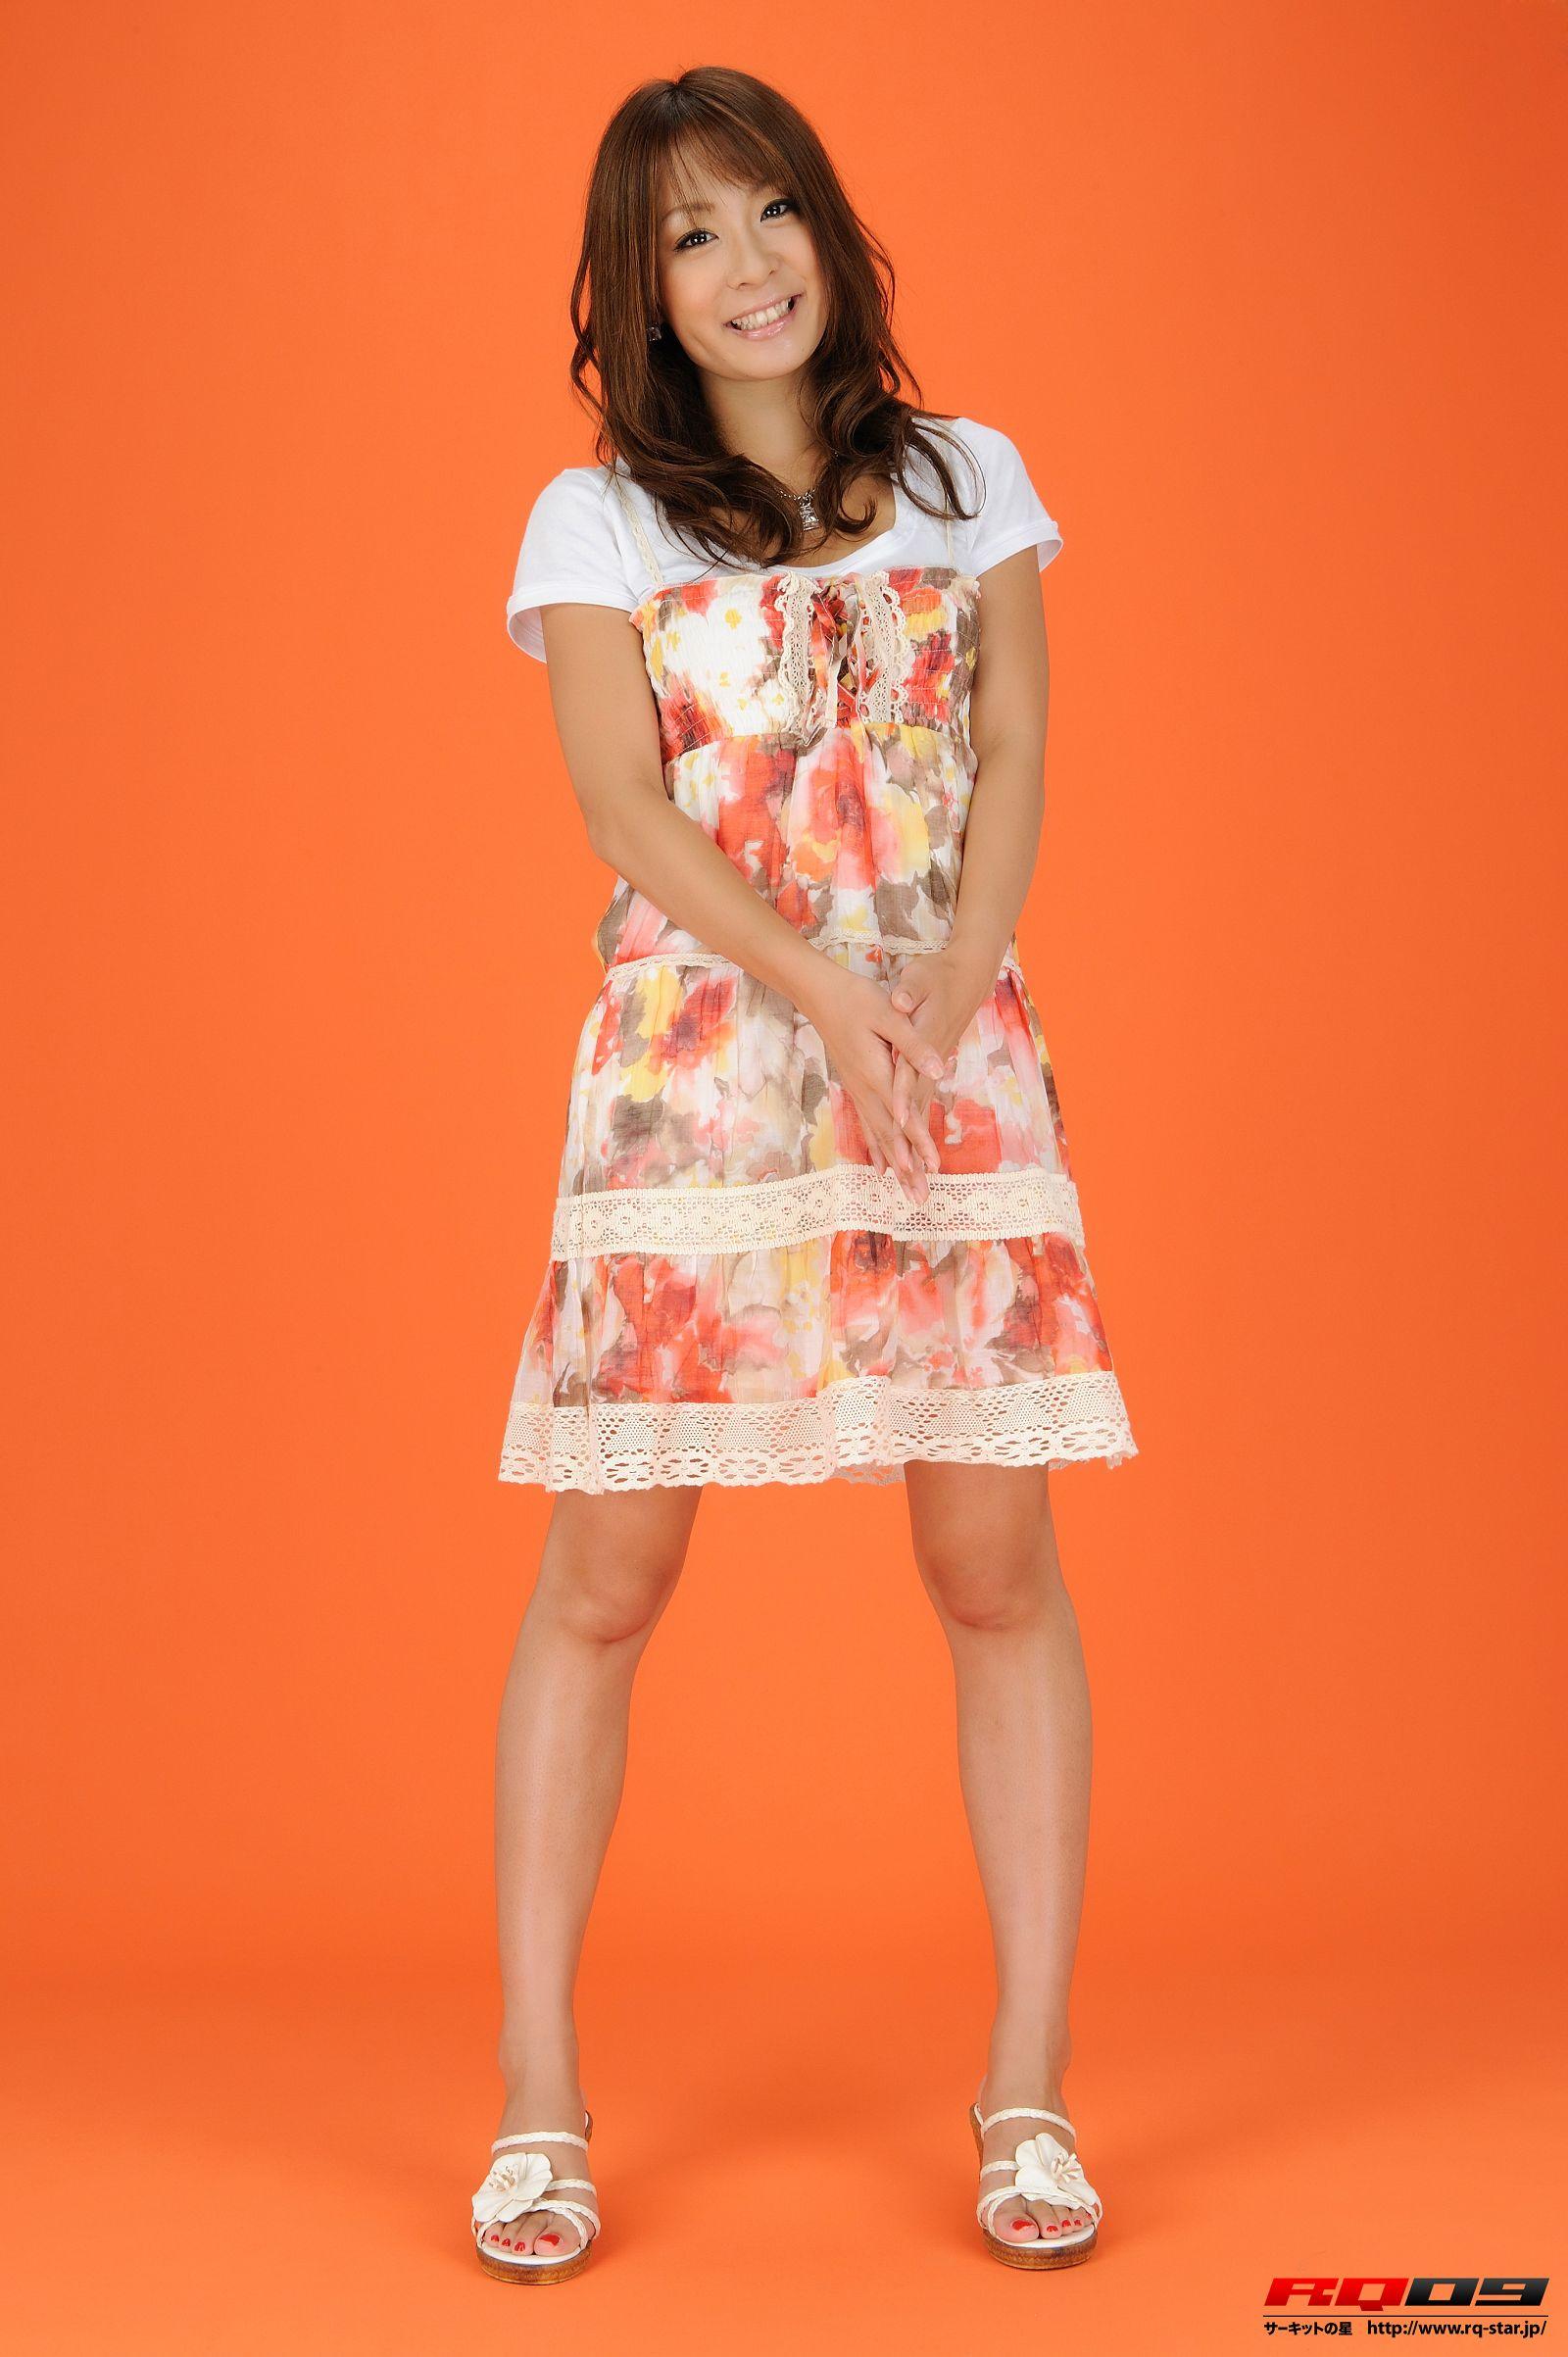 [RQ-STAR美女] NO.0199 Yuuki Aikawa 相川友希 Private Dress3